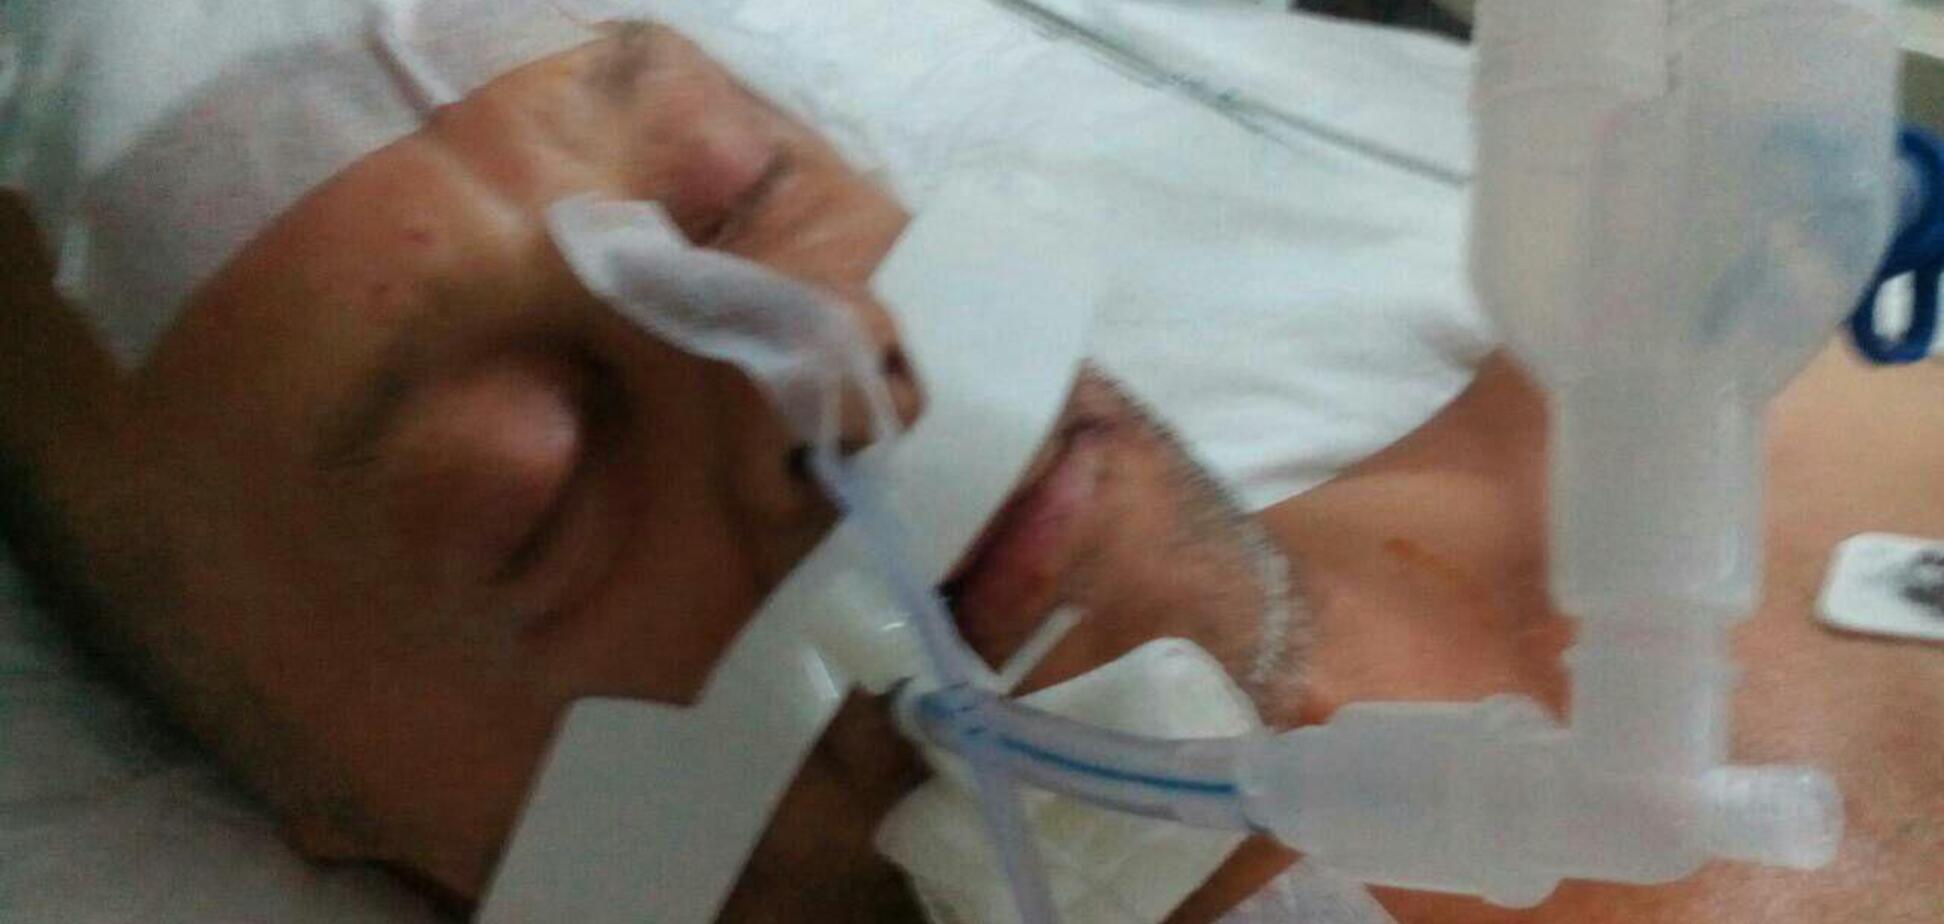 'Росіянин вважає себе козаком': що відомо про жорстокий напад на українця в Туреччині